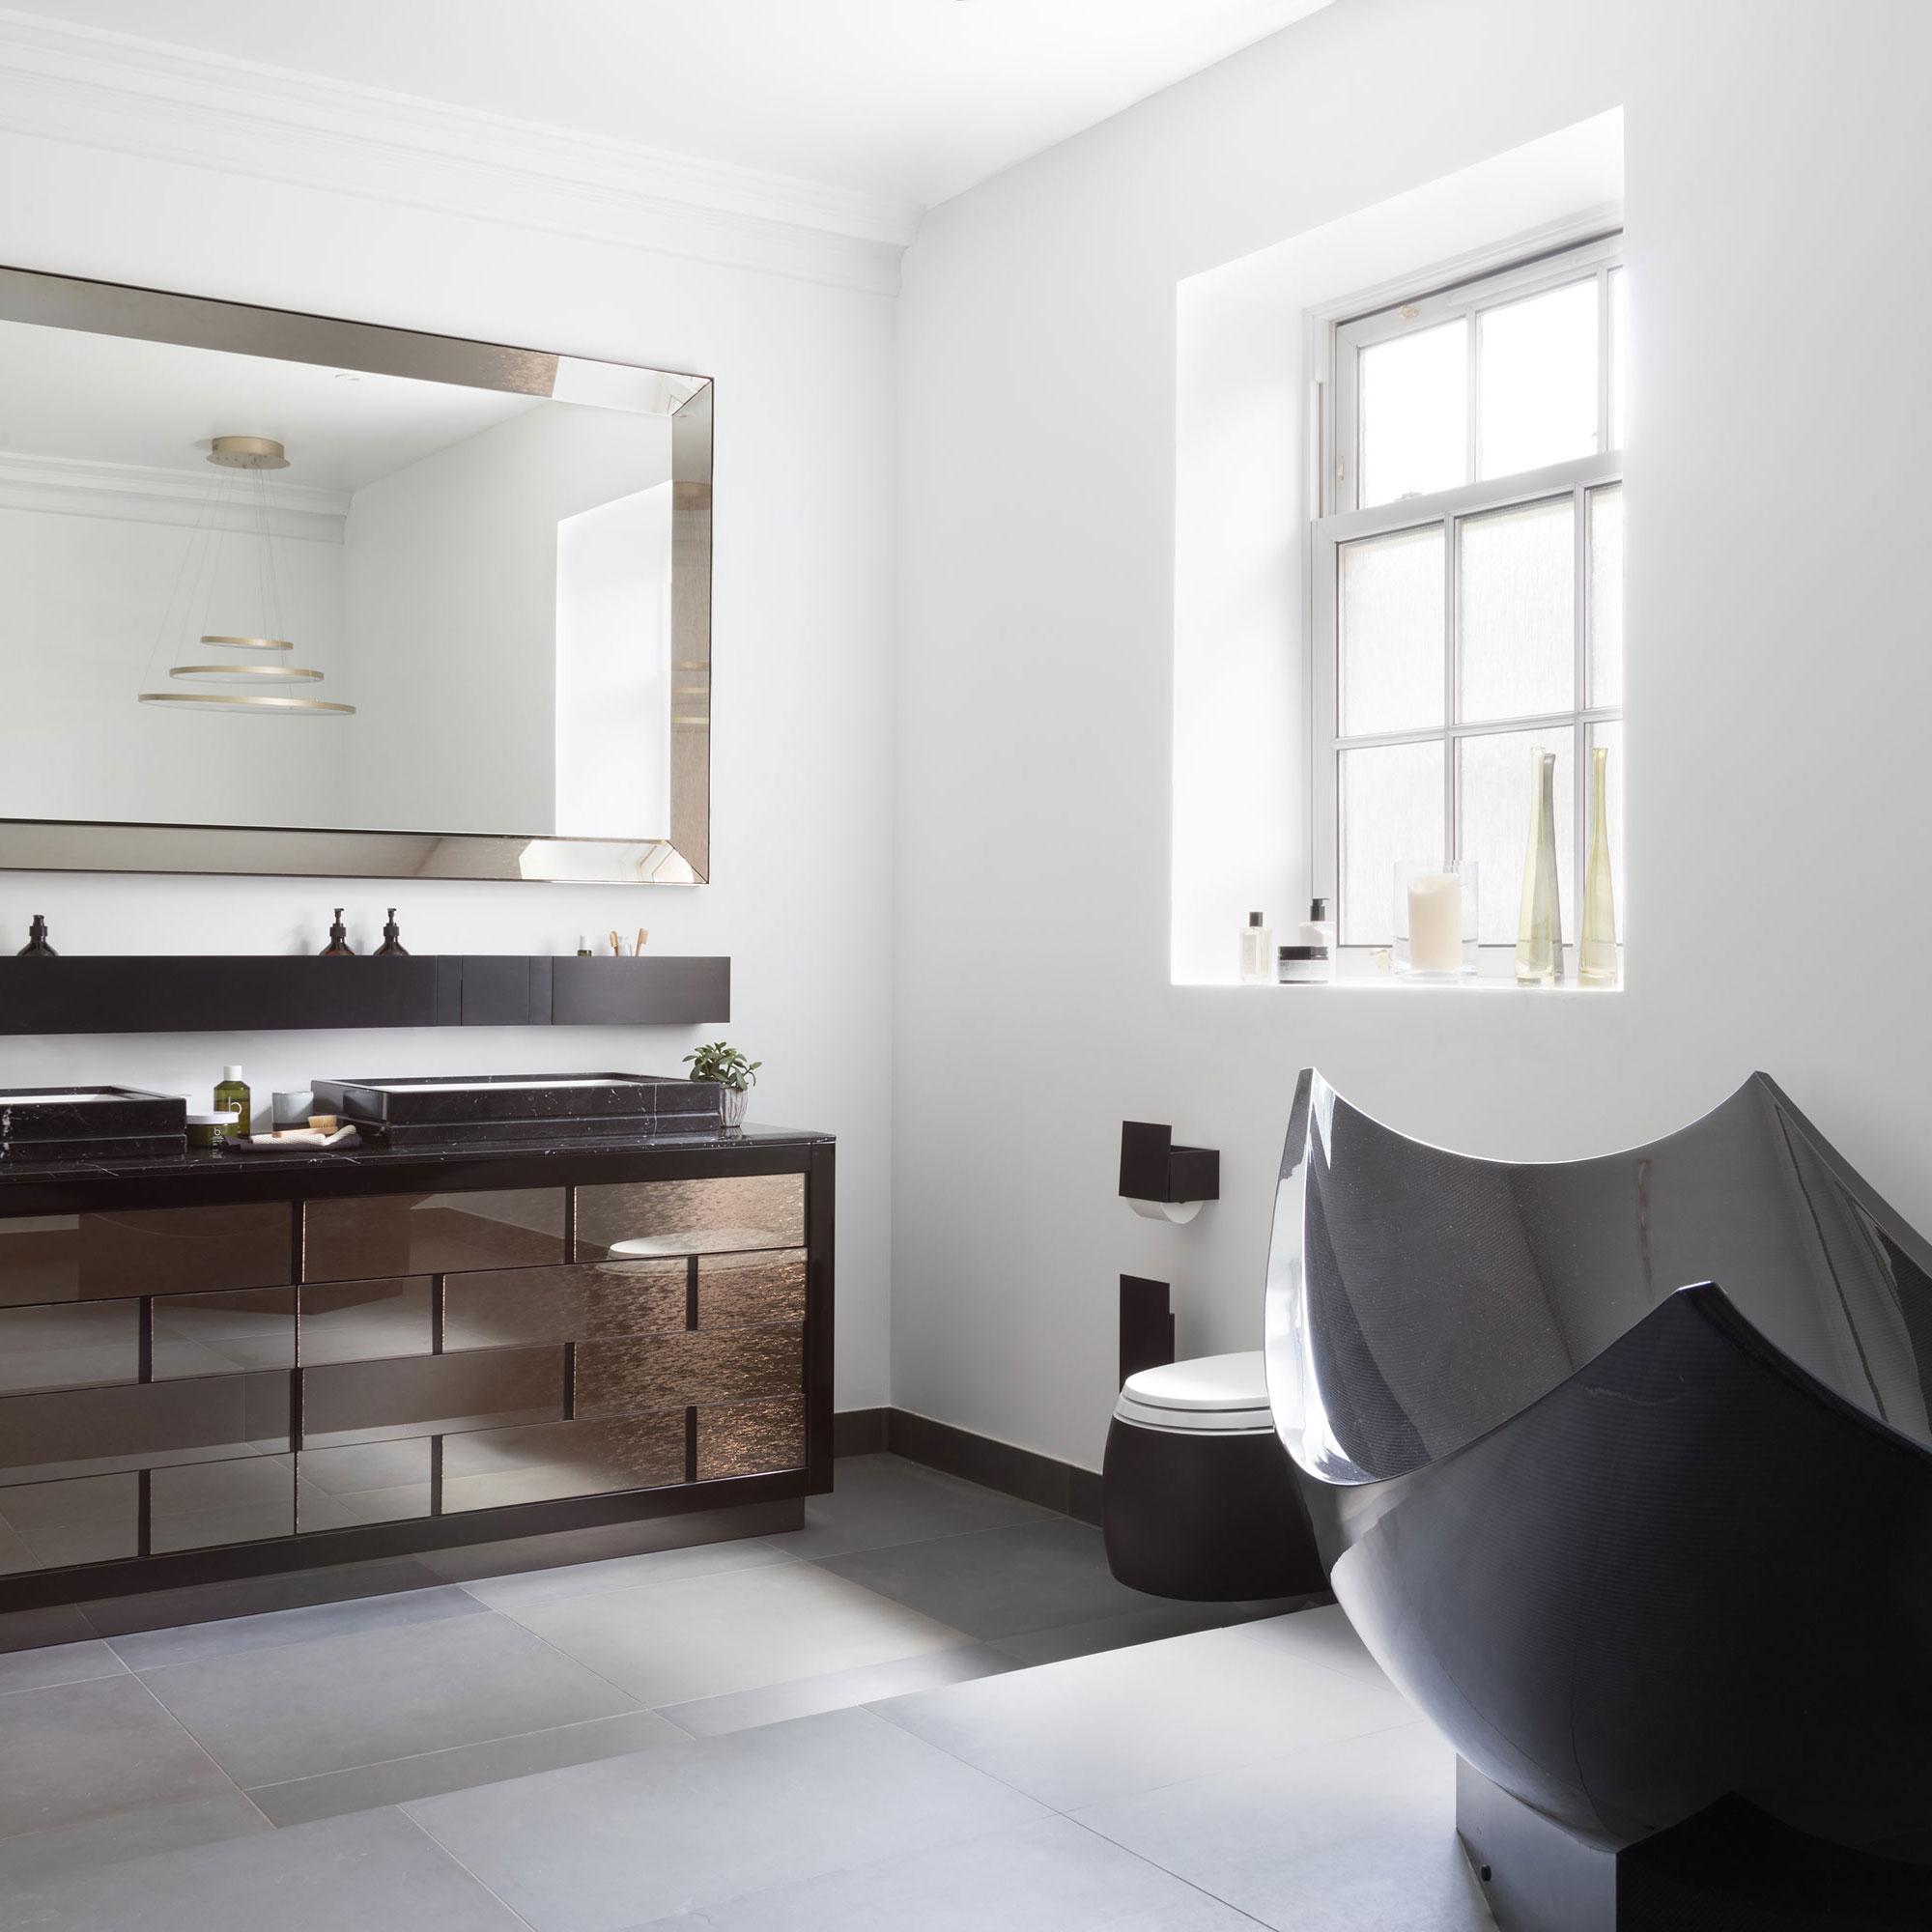 صور ديكورات حمامات لعام 2019